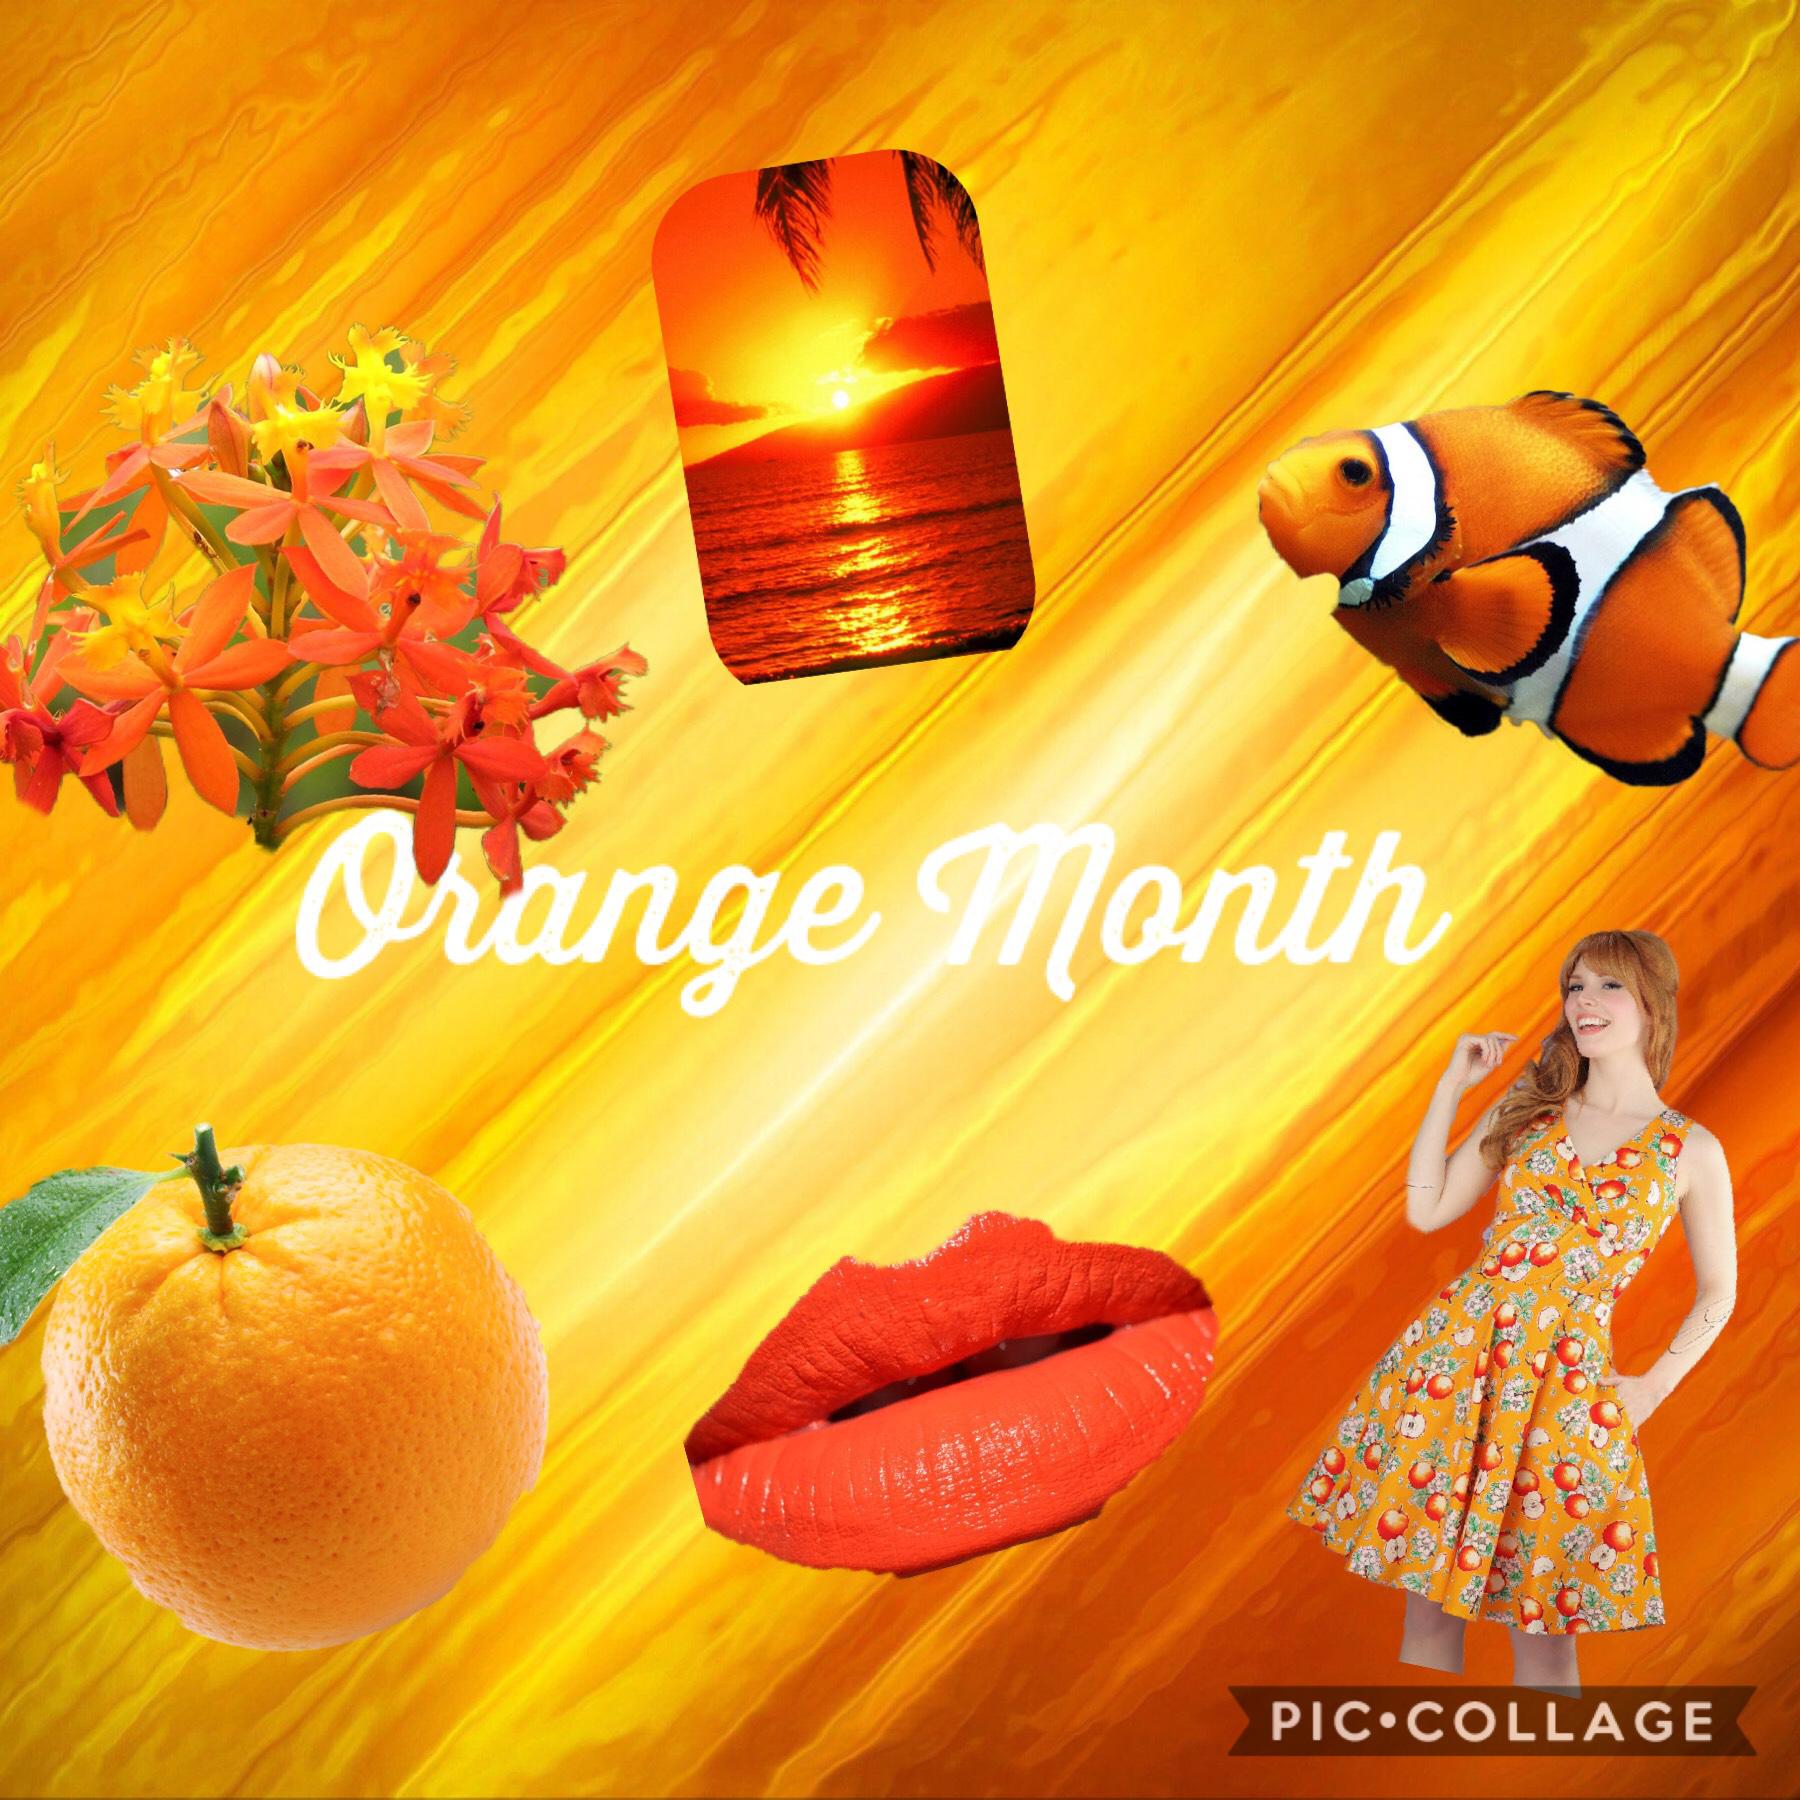 Orange Month Follow me on Pinterest @hgoodrichtx or Hanna